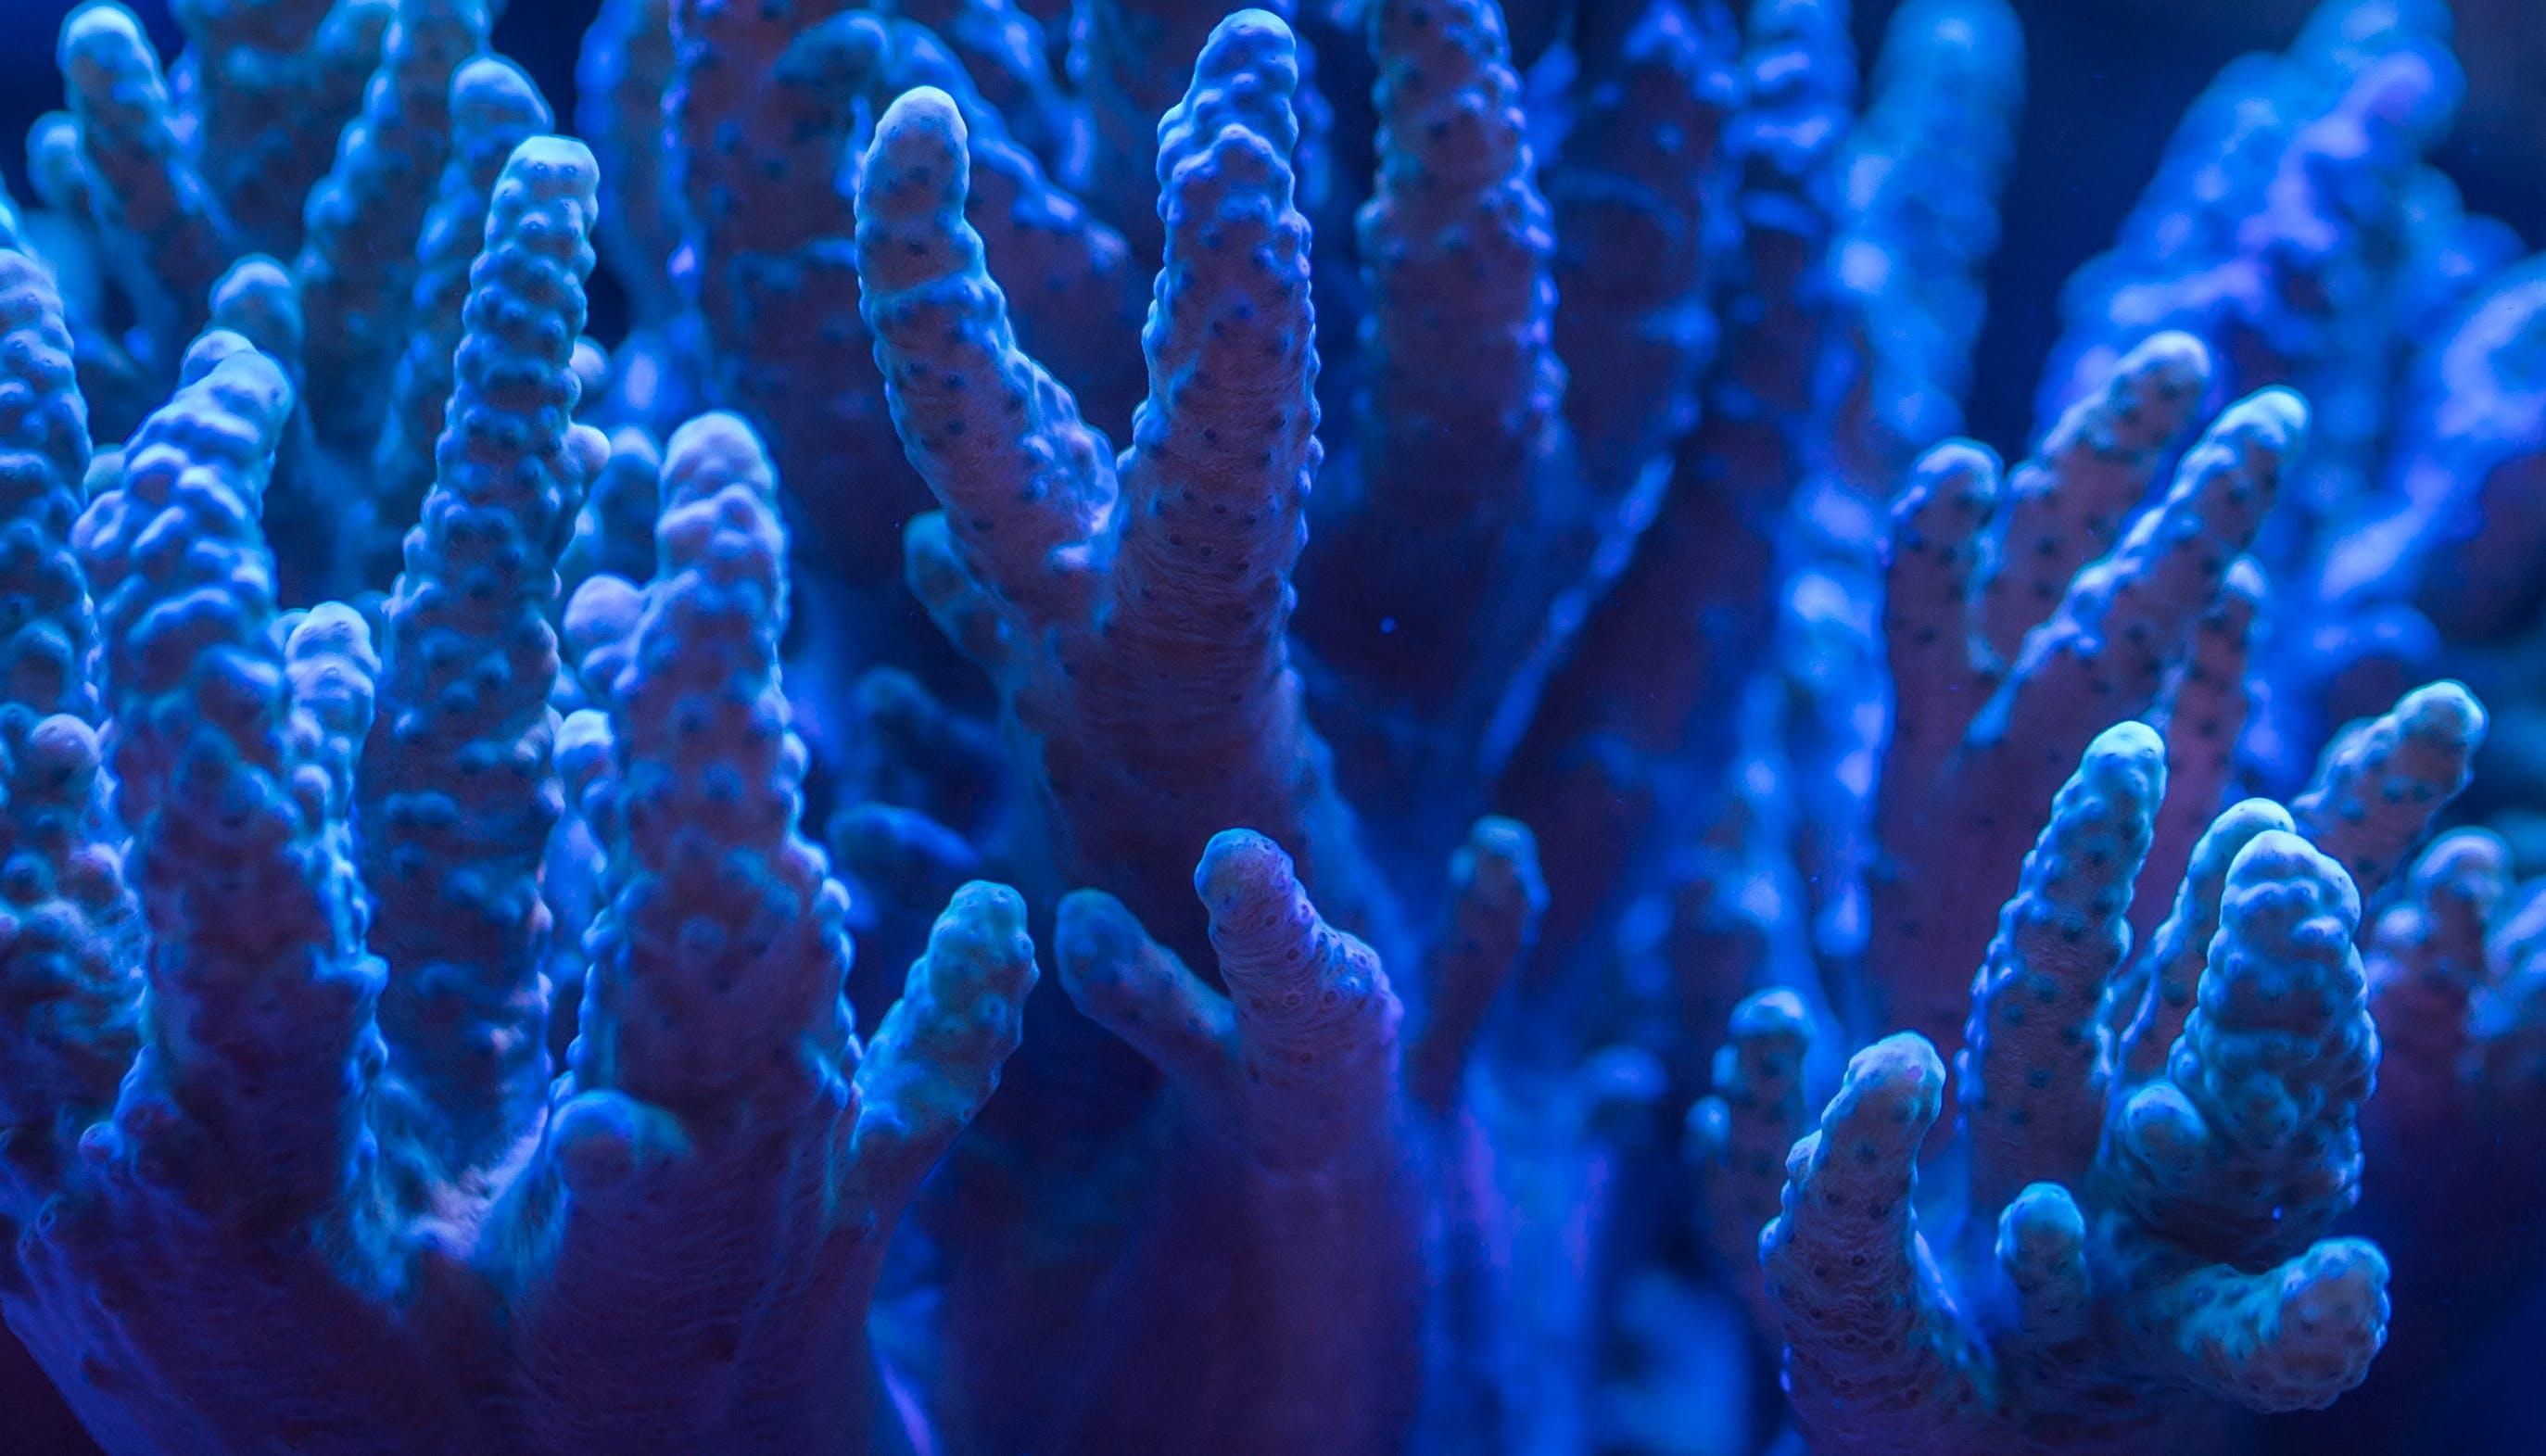 คลังภาพถ่ายฟรี ของ ทางทะเล, น้ำ, ปะการัง, พิพิธภัณฑ์สัตว์น้ำ